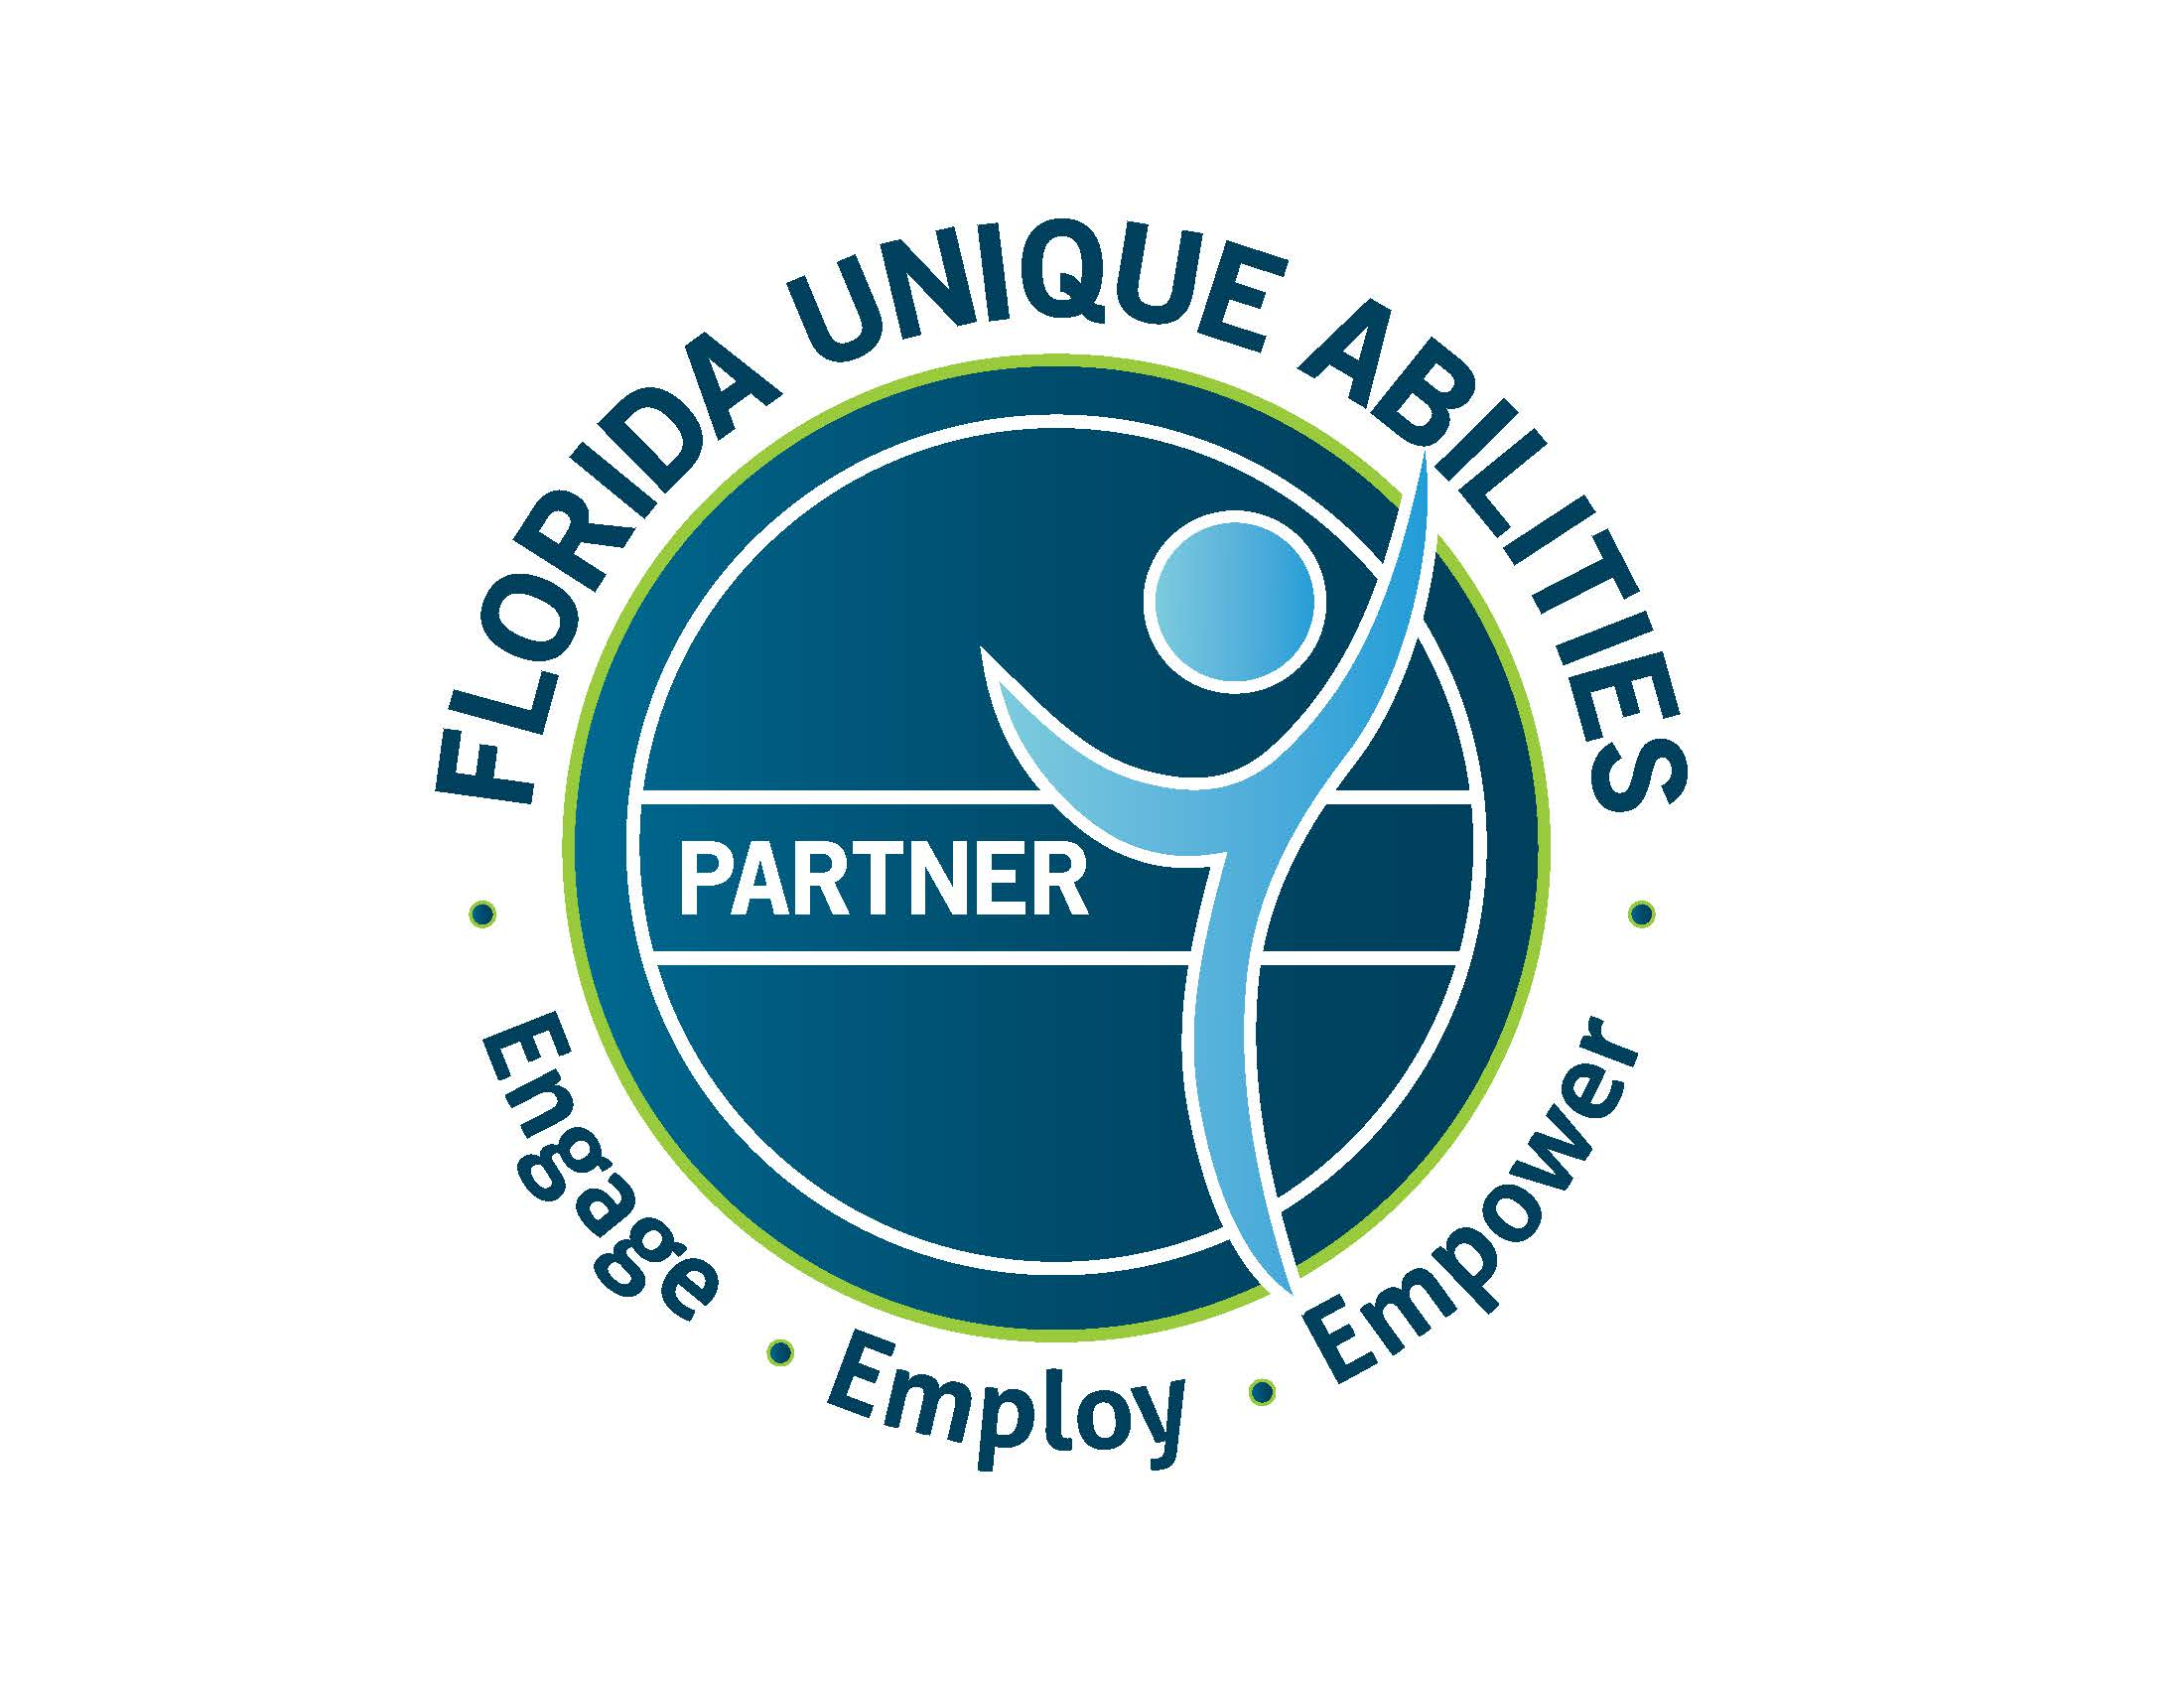 FL Unique Abilities Logo